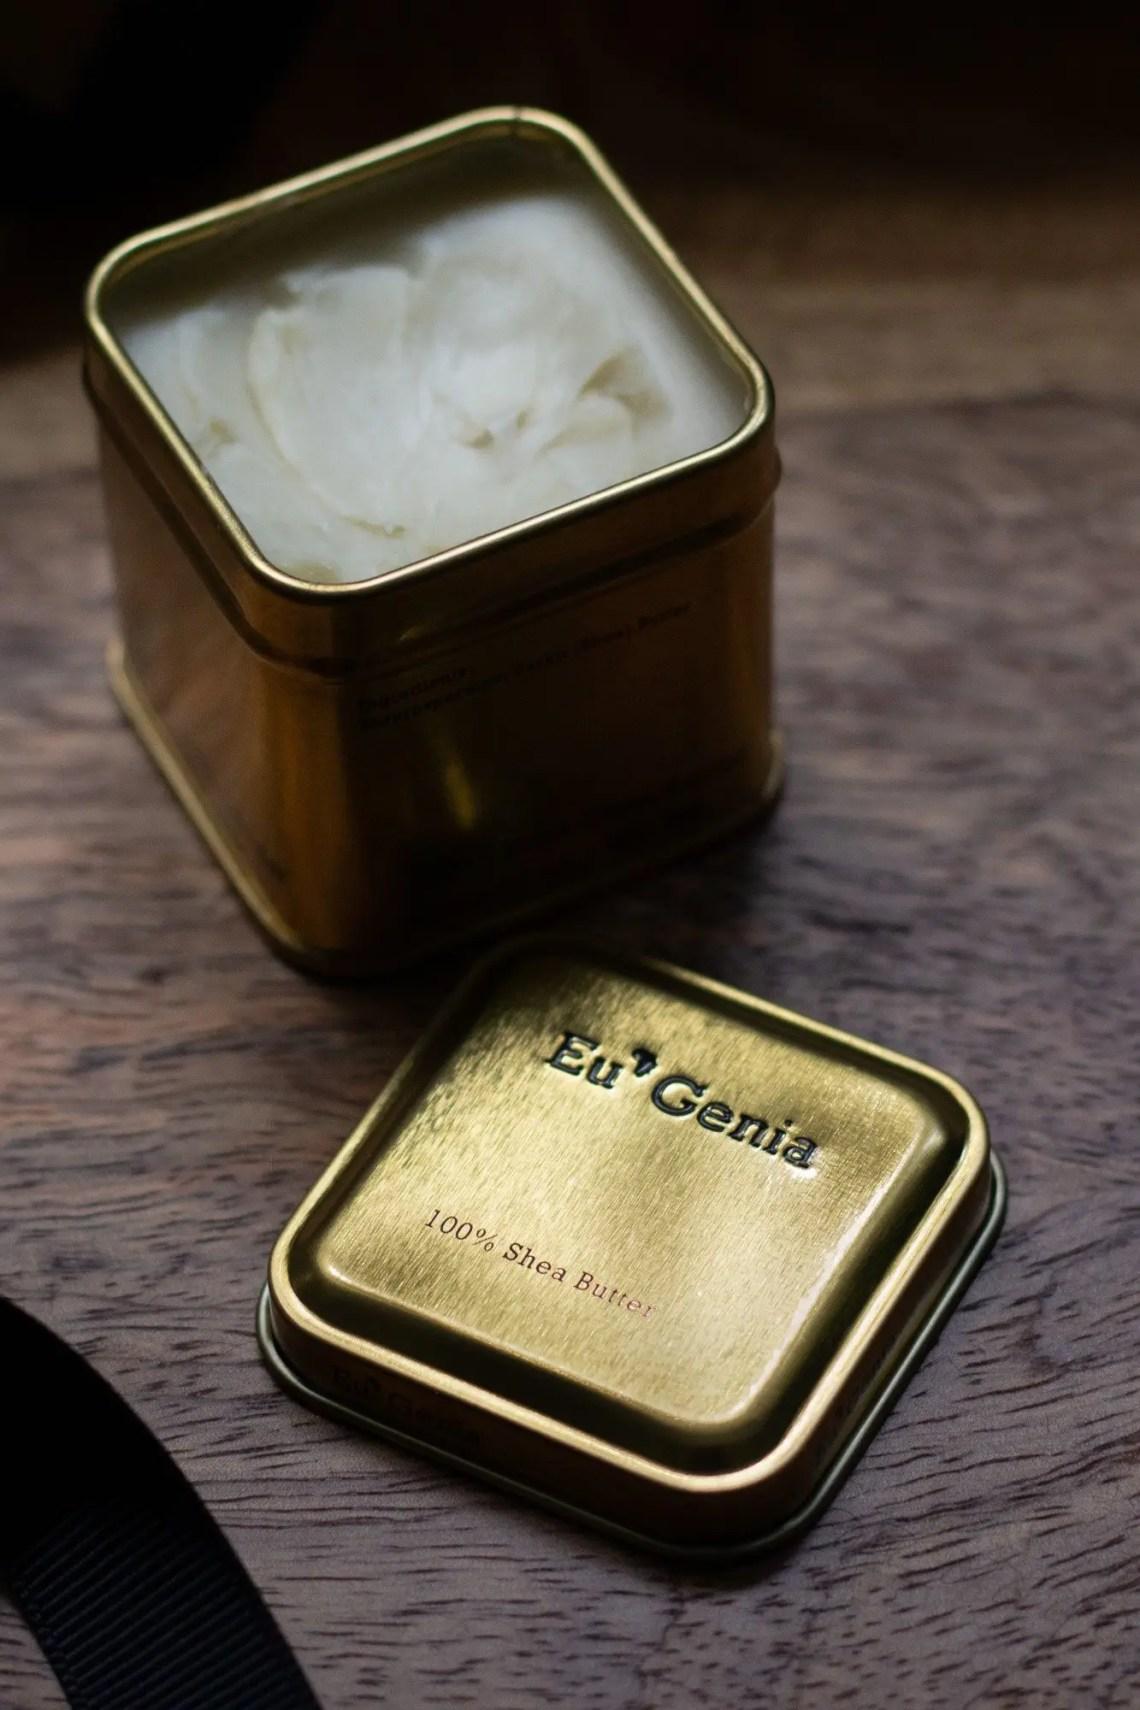 Eu'Genia Shea butter gold tin on wooden dresser